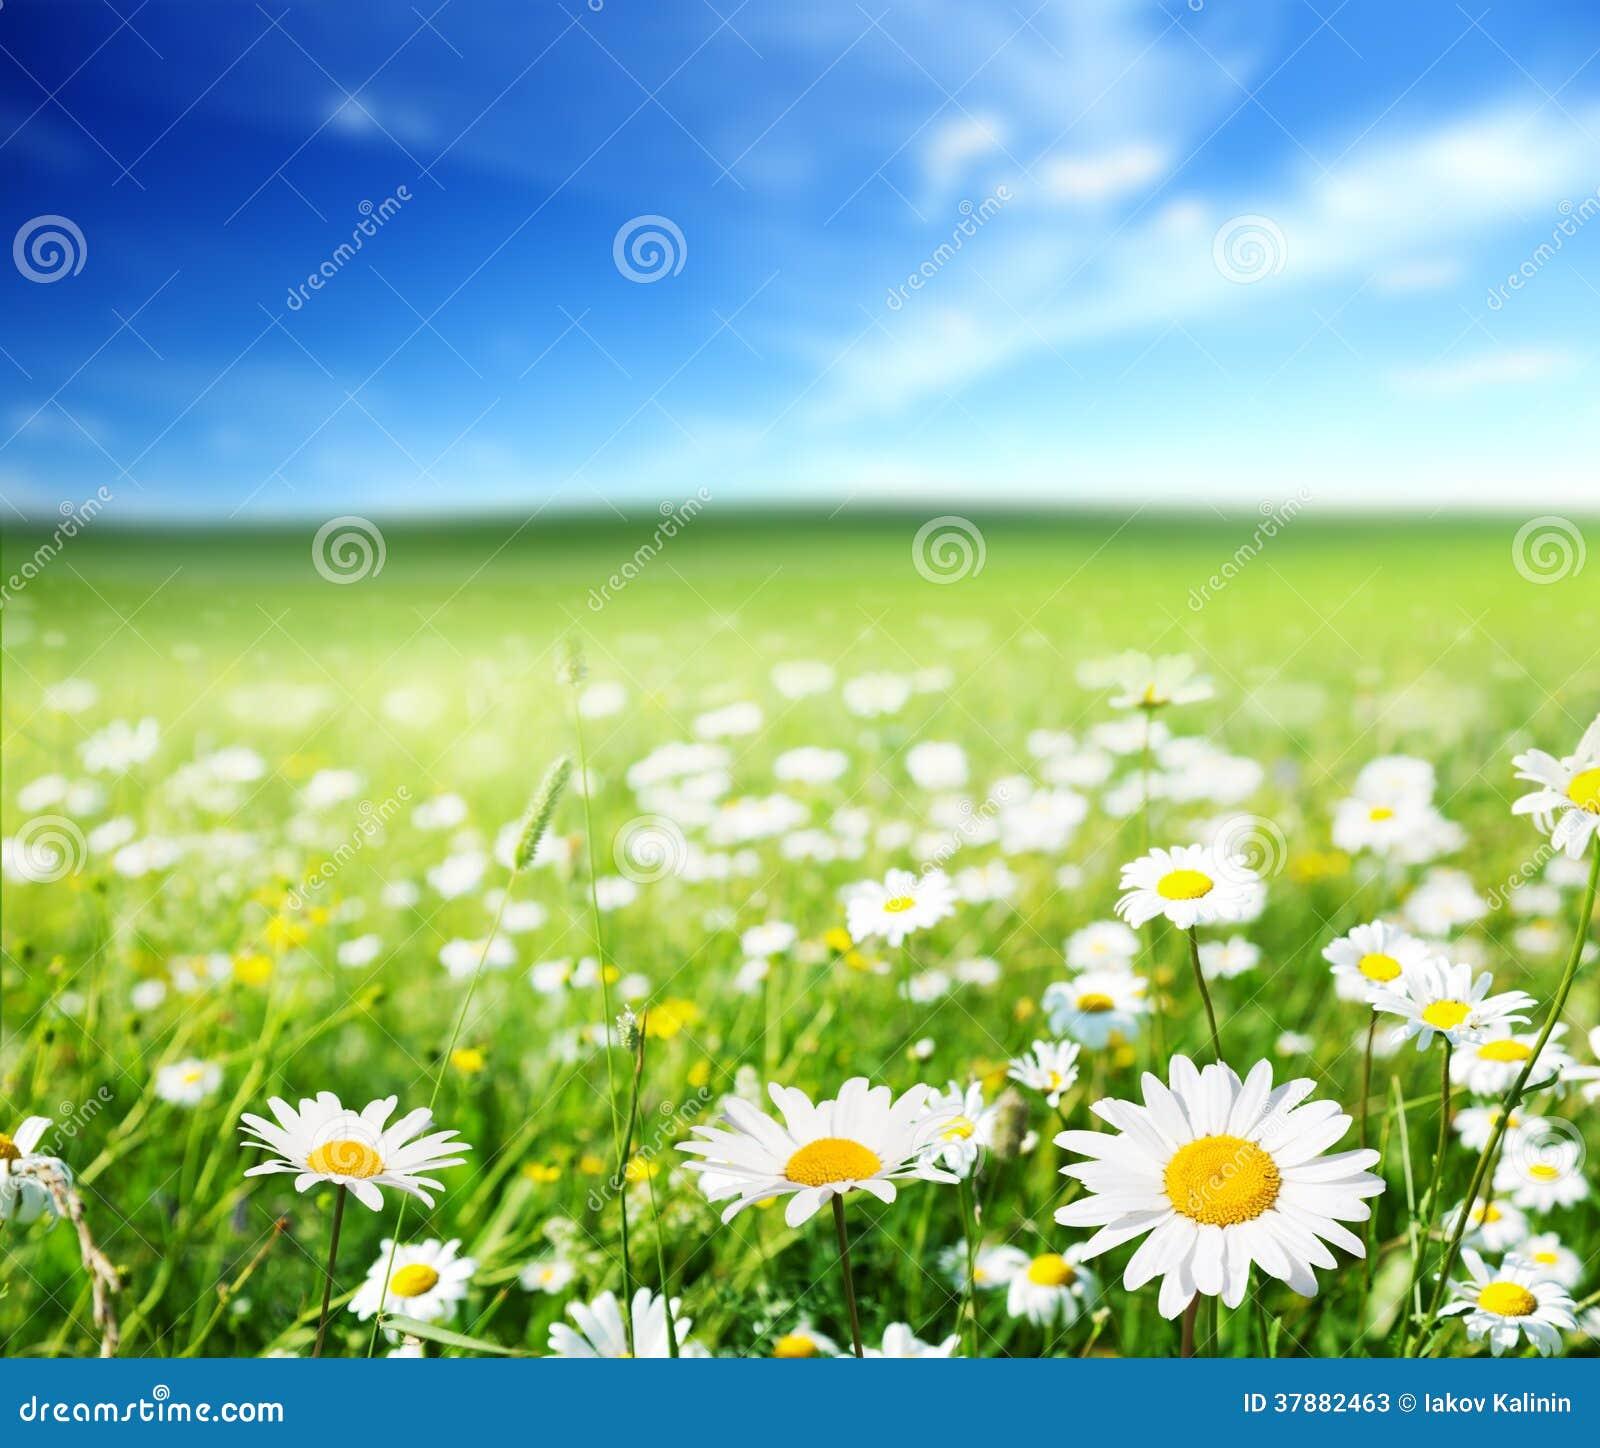 daisy field mountain sky - photo #24